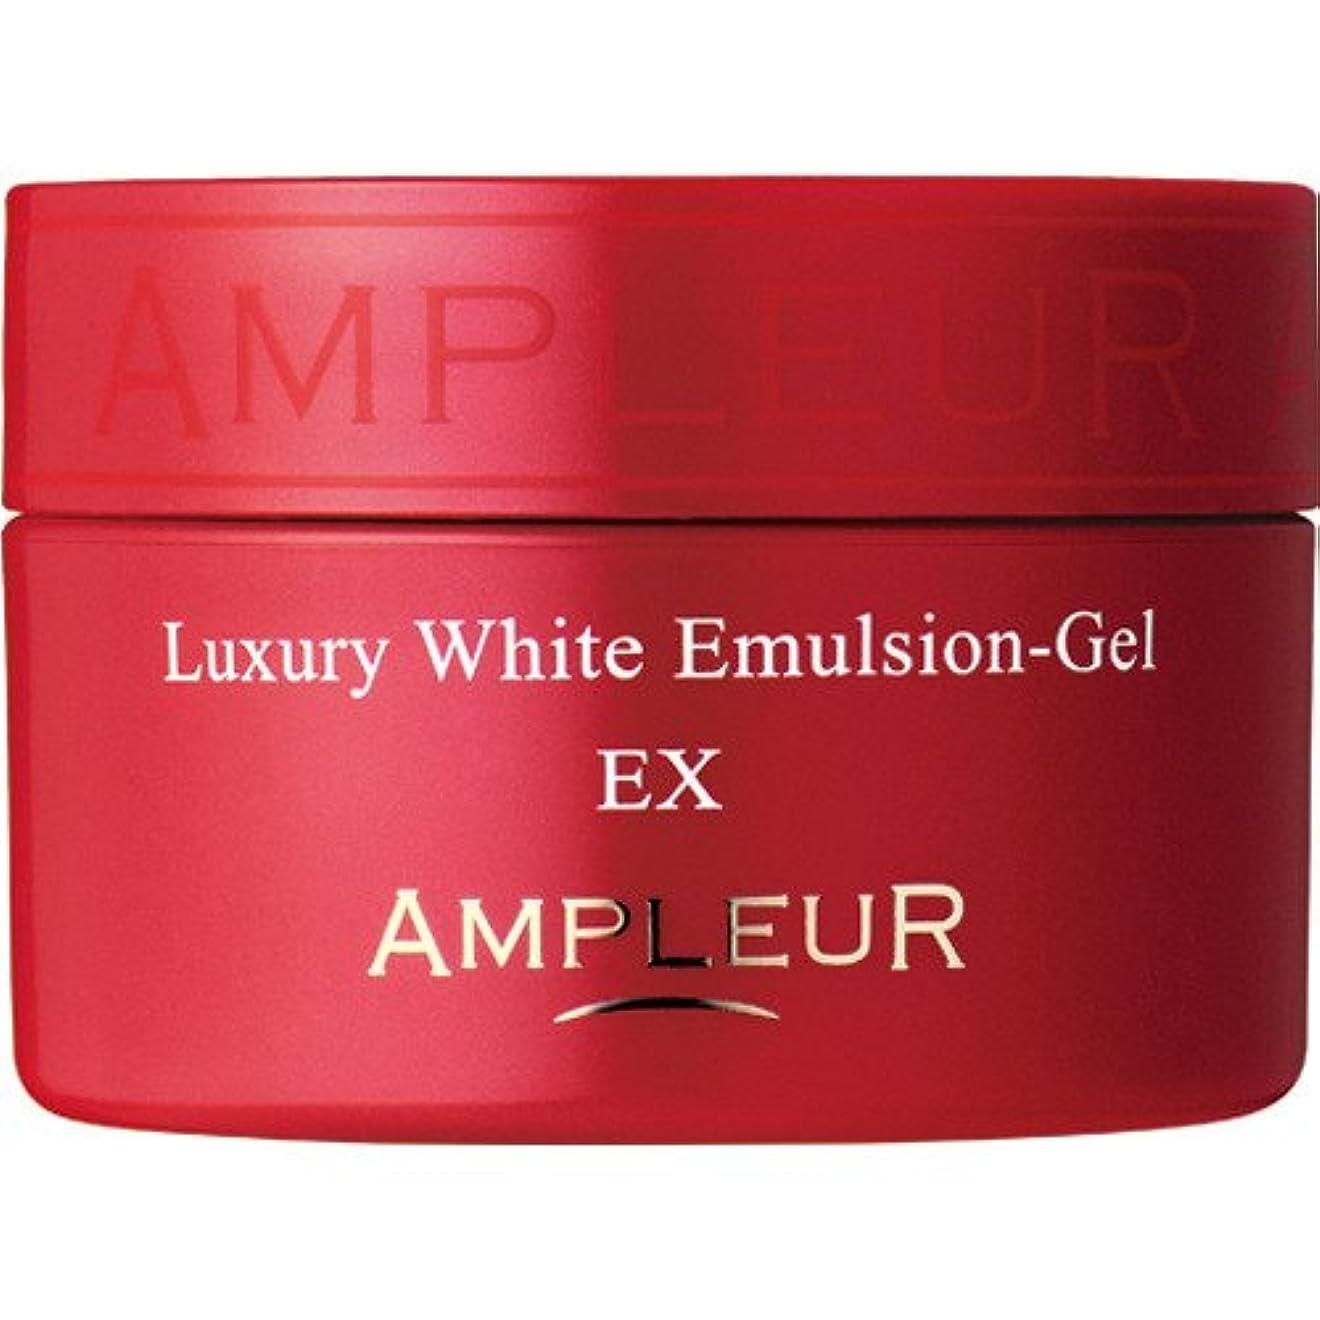 フリースジュース竜巻AMPLEUR(アンプルール) ラグジュアリーホワイト エマルジョンゲルEX 50g